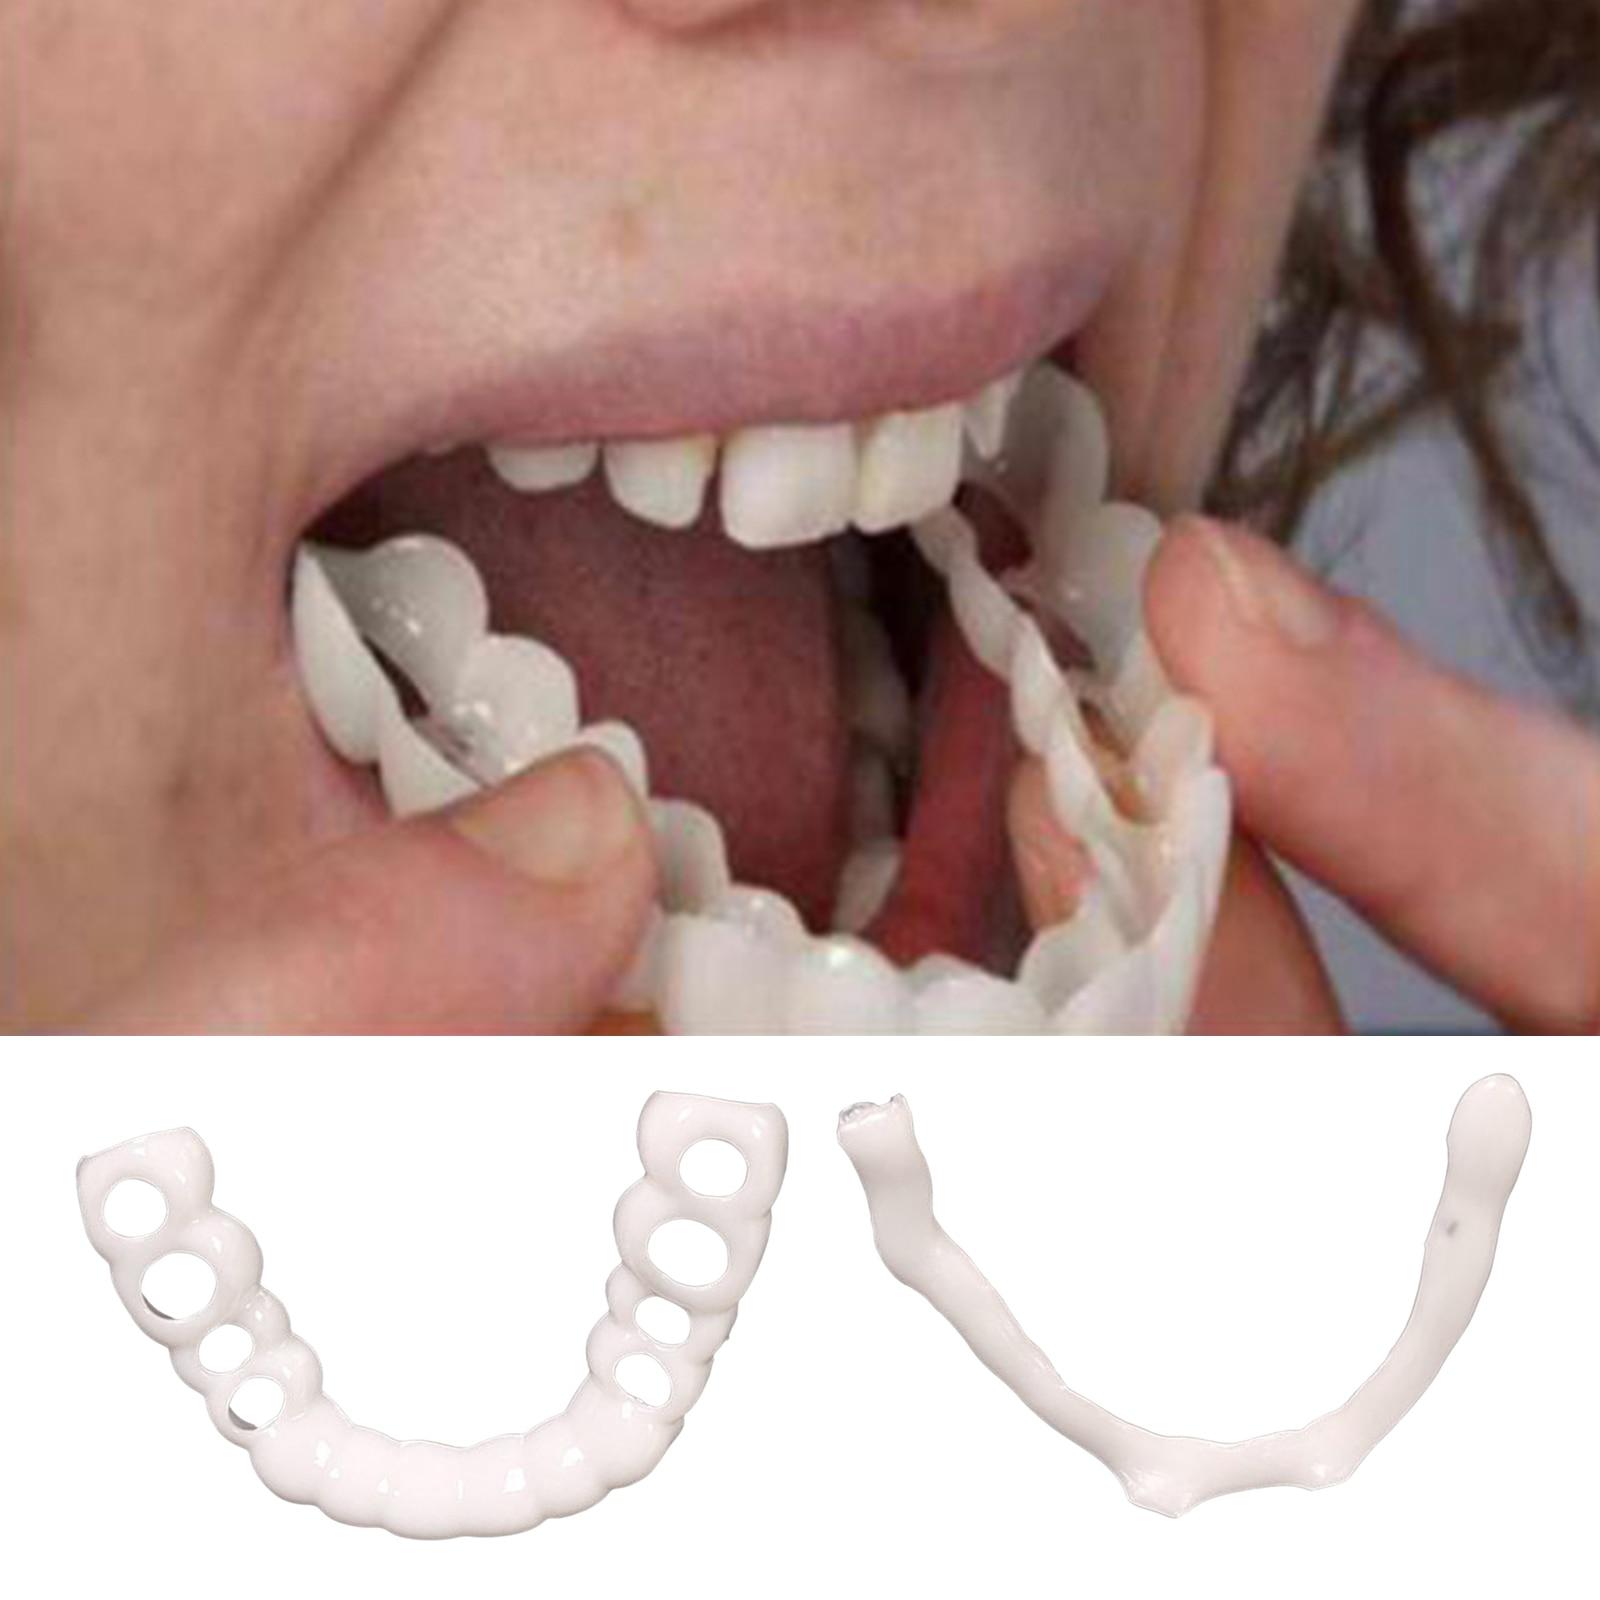 Мягкие выдвижные верхние и нижние зубные виниры, временные накладные зубы, имитация зубов